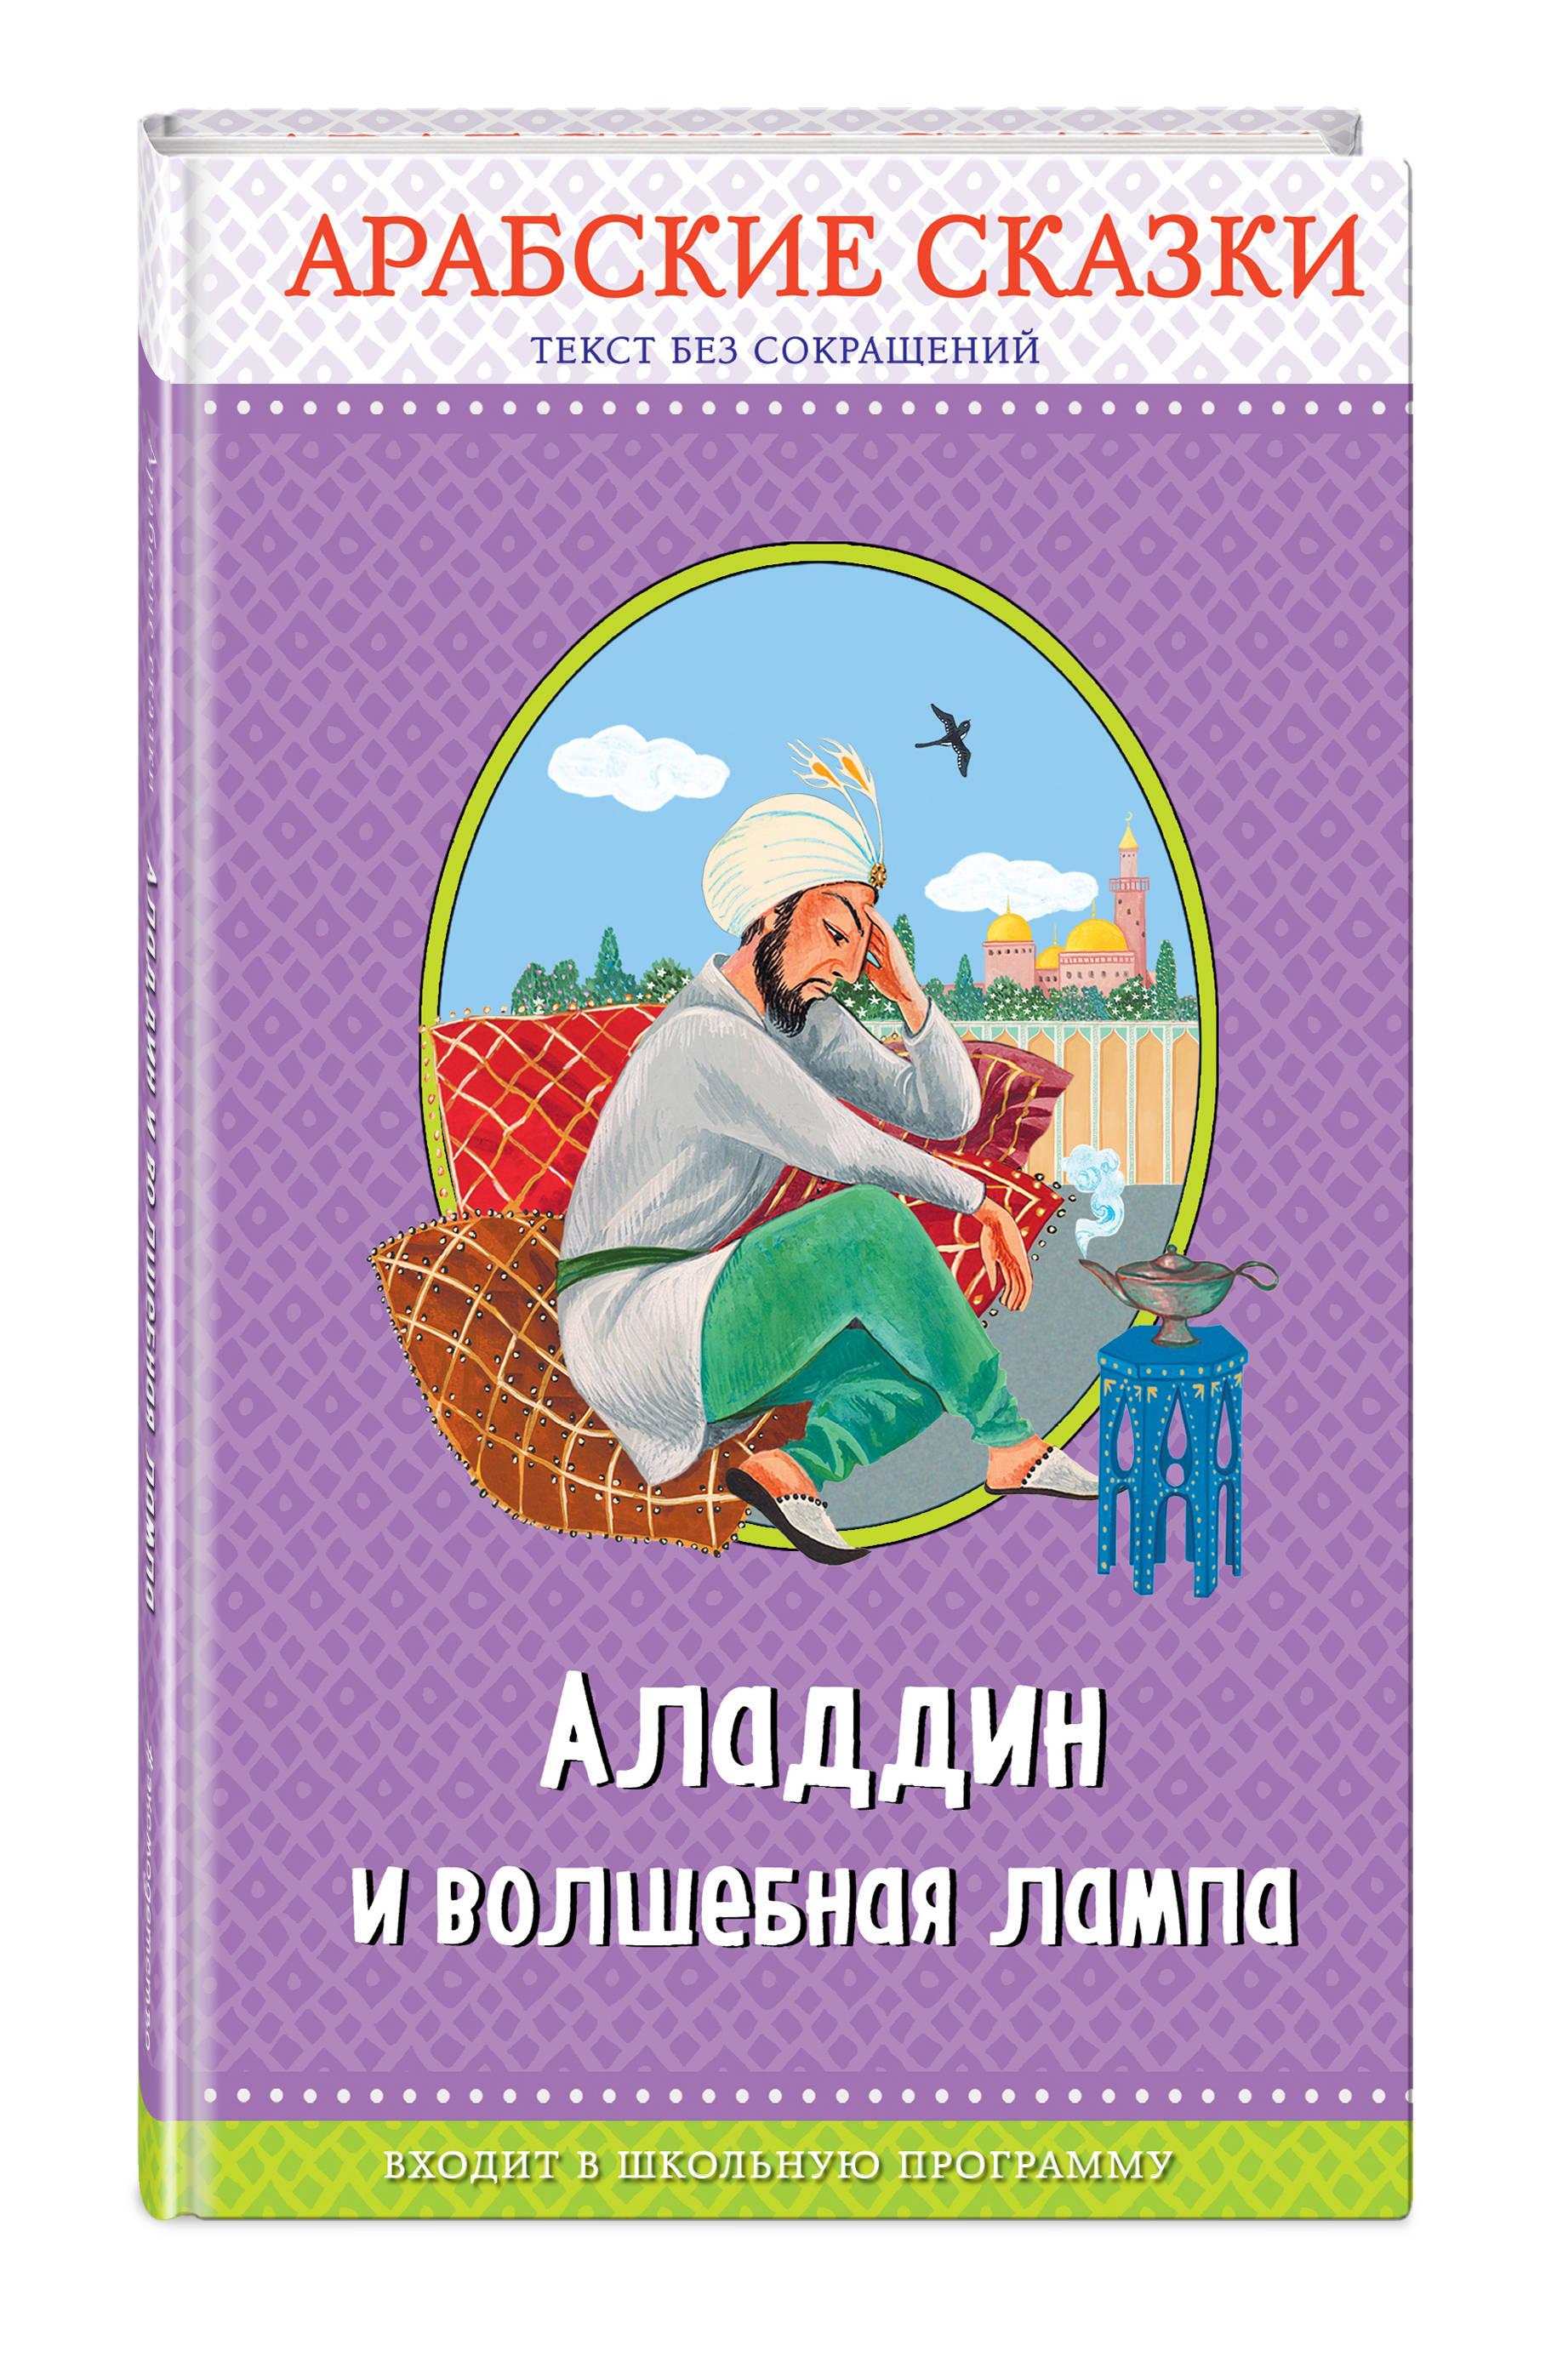 Аладдин и волшебная лампа. Арабские сказки аладдин и волшебная лампа арабские сказки isbn 978 5 04 093343 3